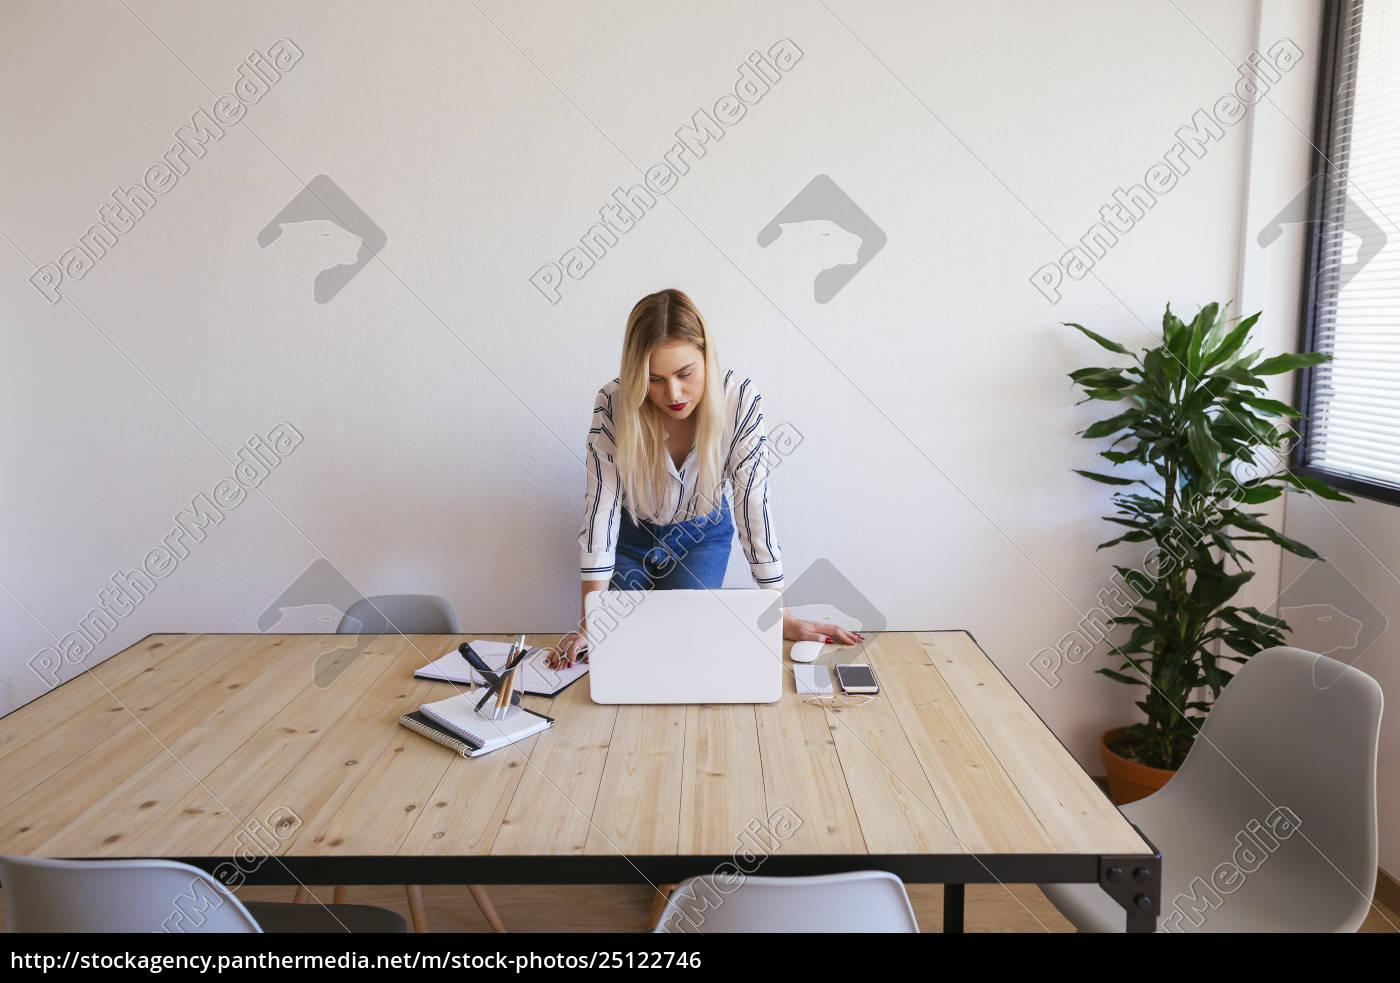 giovane, imprenditrice, in, piedi, alla, scrivania, utilizzando - 25122746